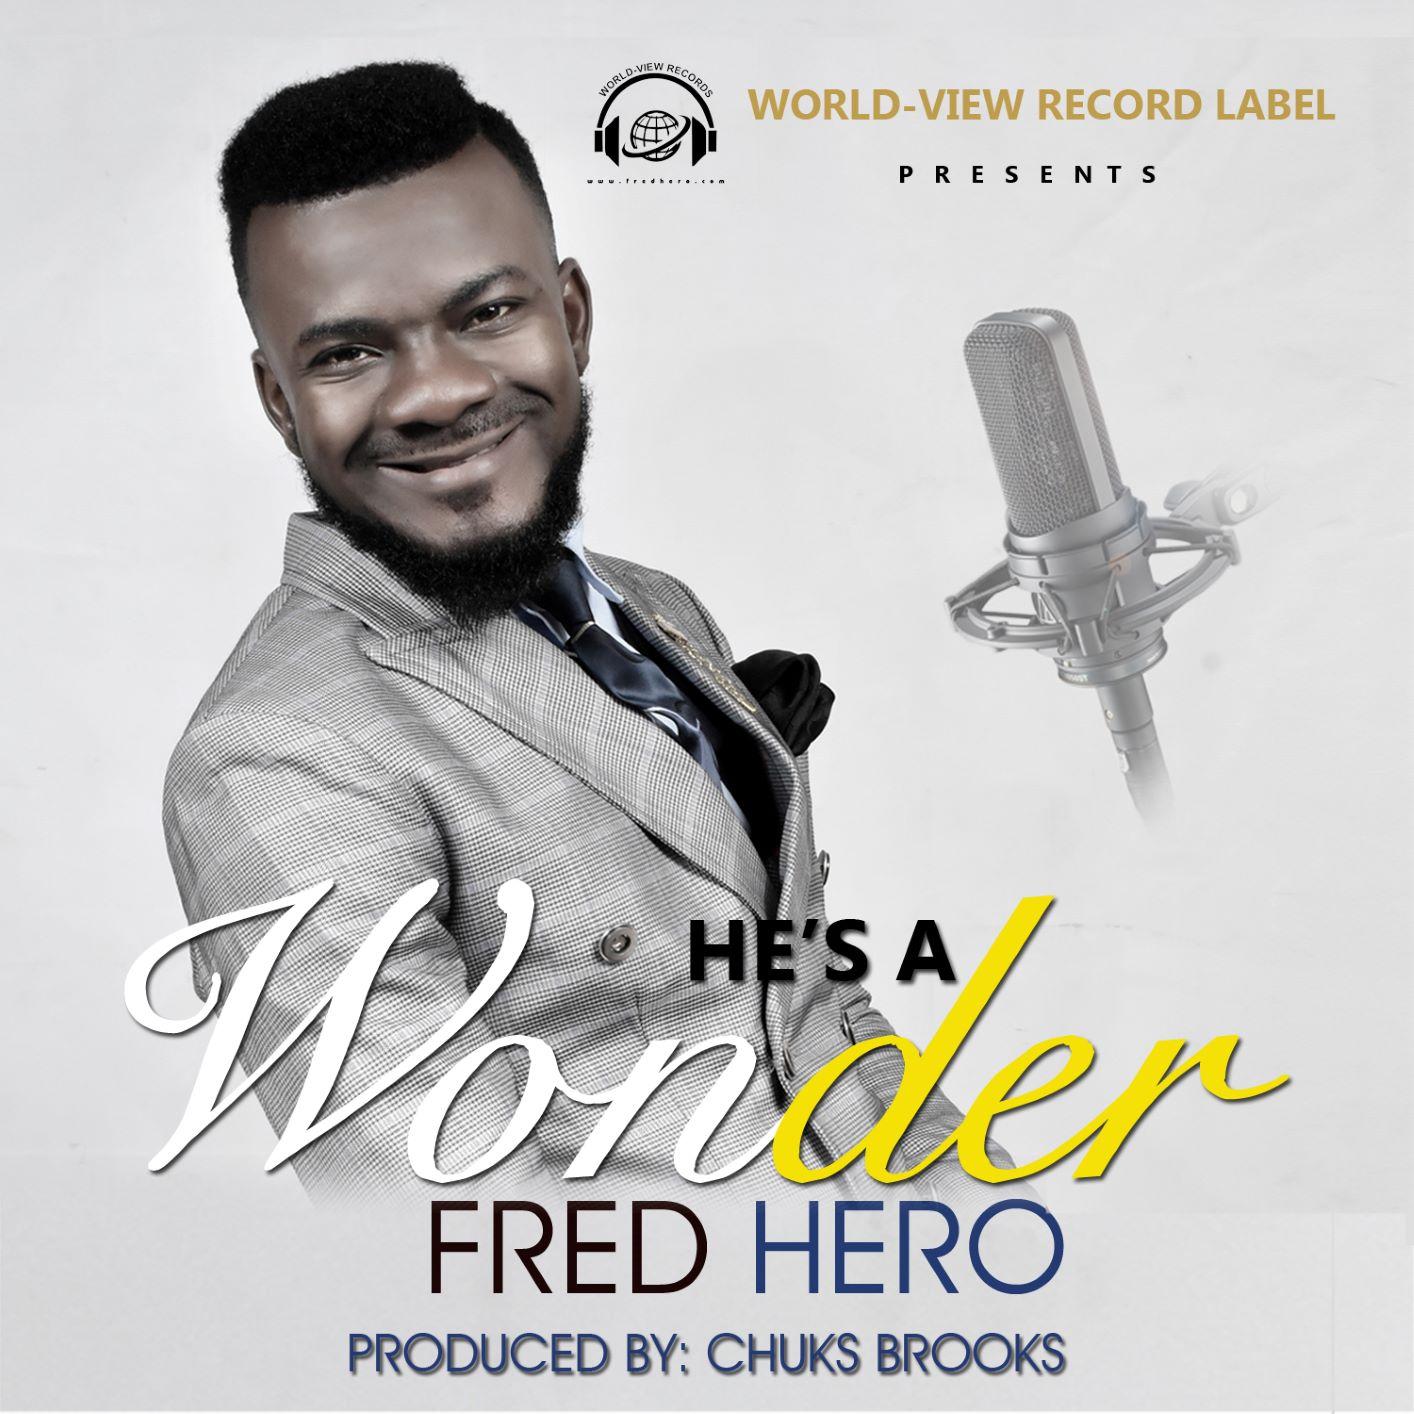 Fred Hero